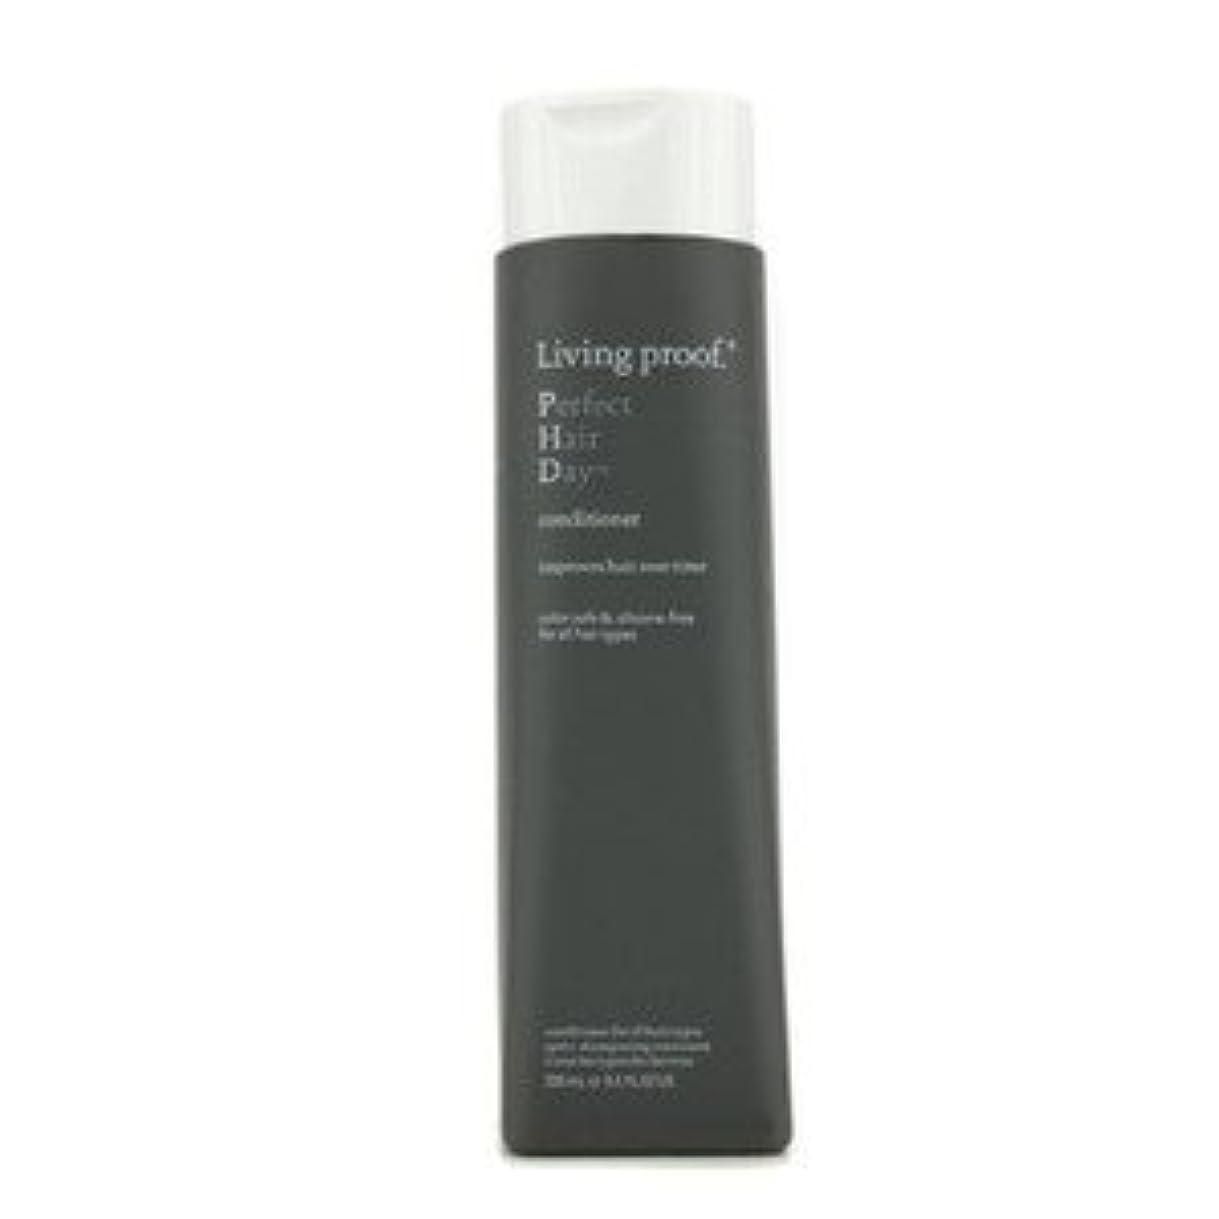 降ろす控えめなしないLiving Proof パーフェクト ヘア デイ コンディショナー(For All Hair Types) 236ml/8oz [並行輸入品]